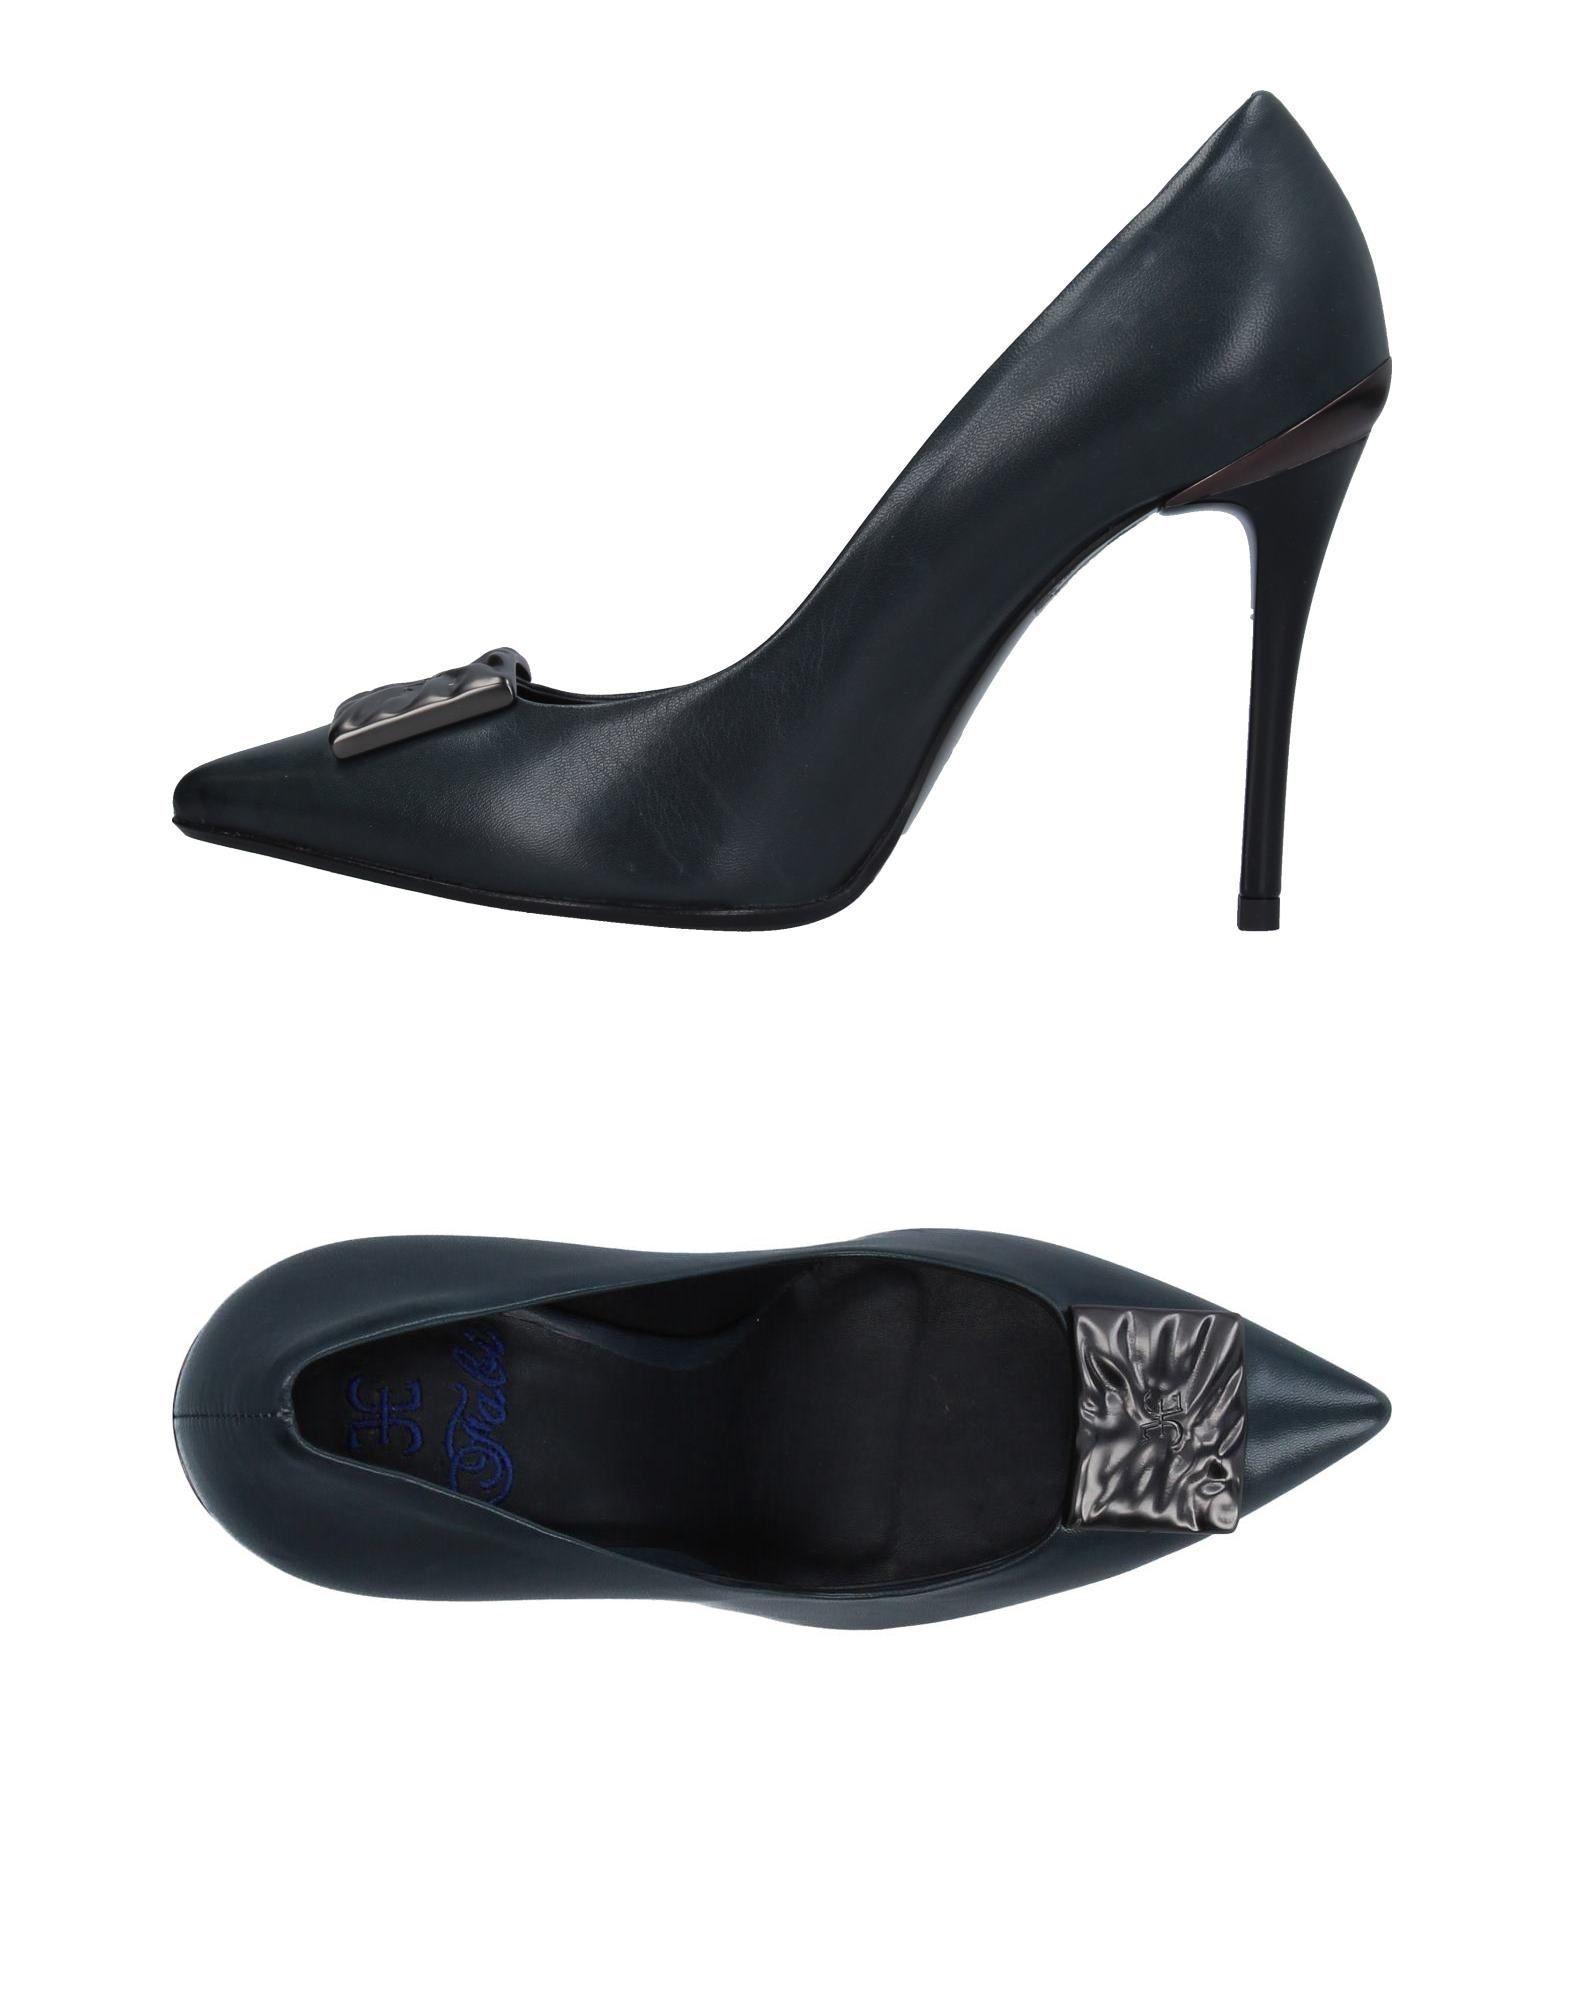 FABI Туфли туфли с перфорацией fabi туфли на низком каблуке